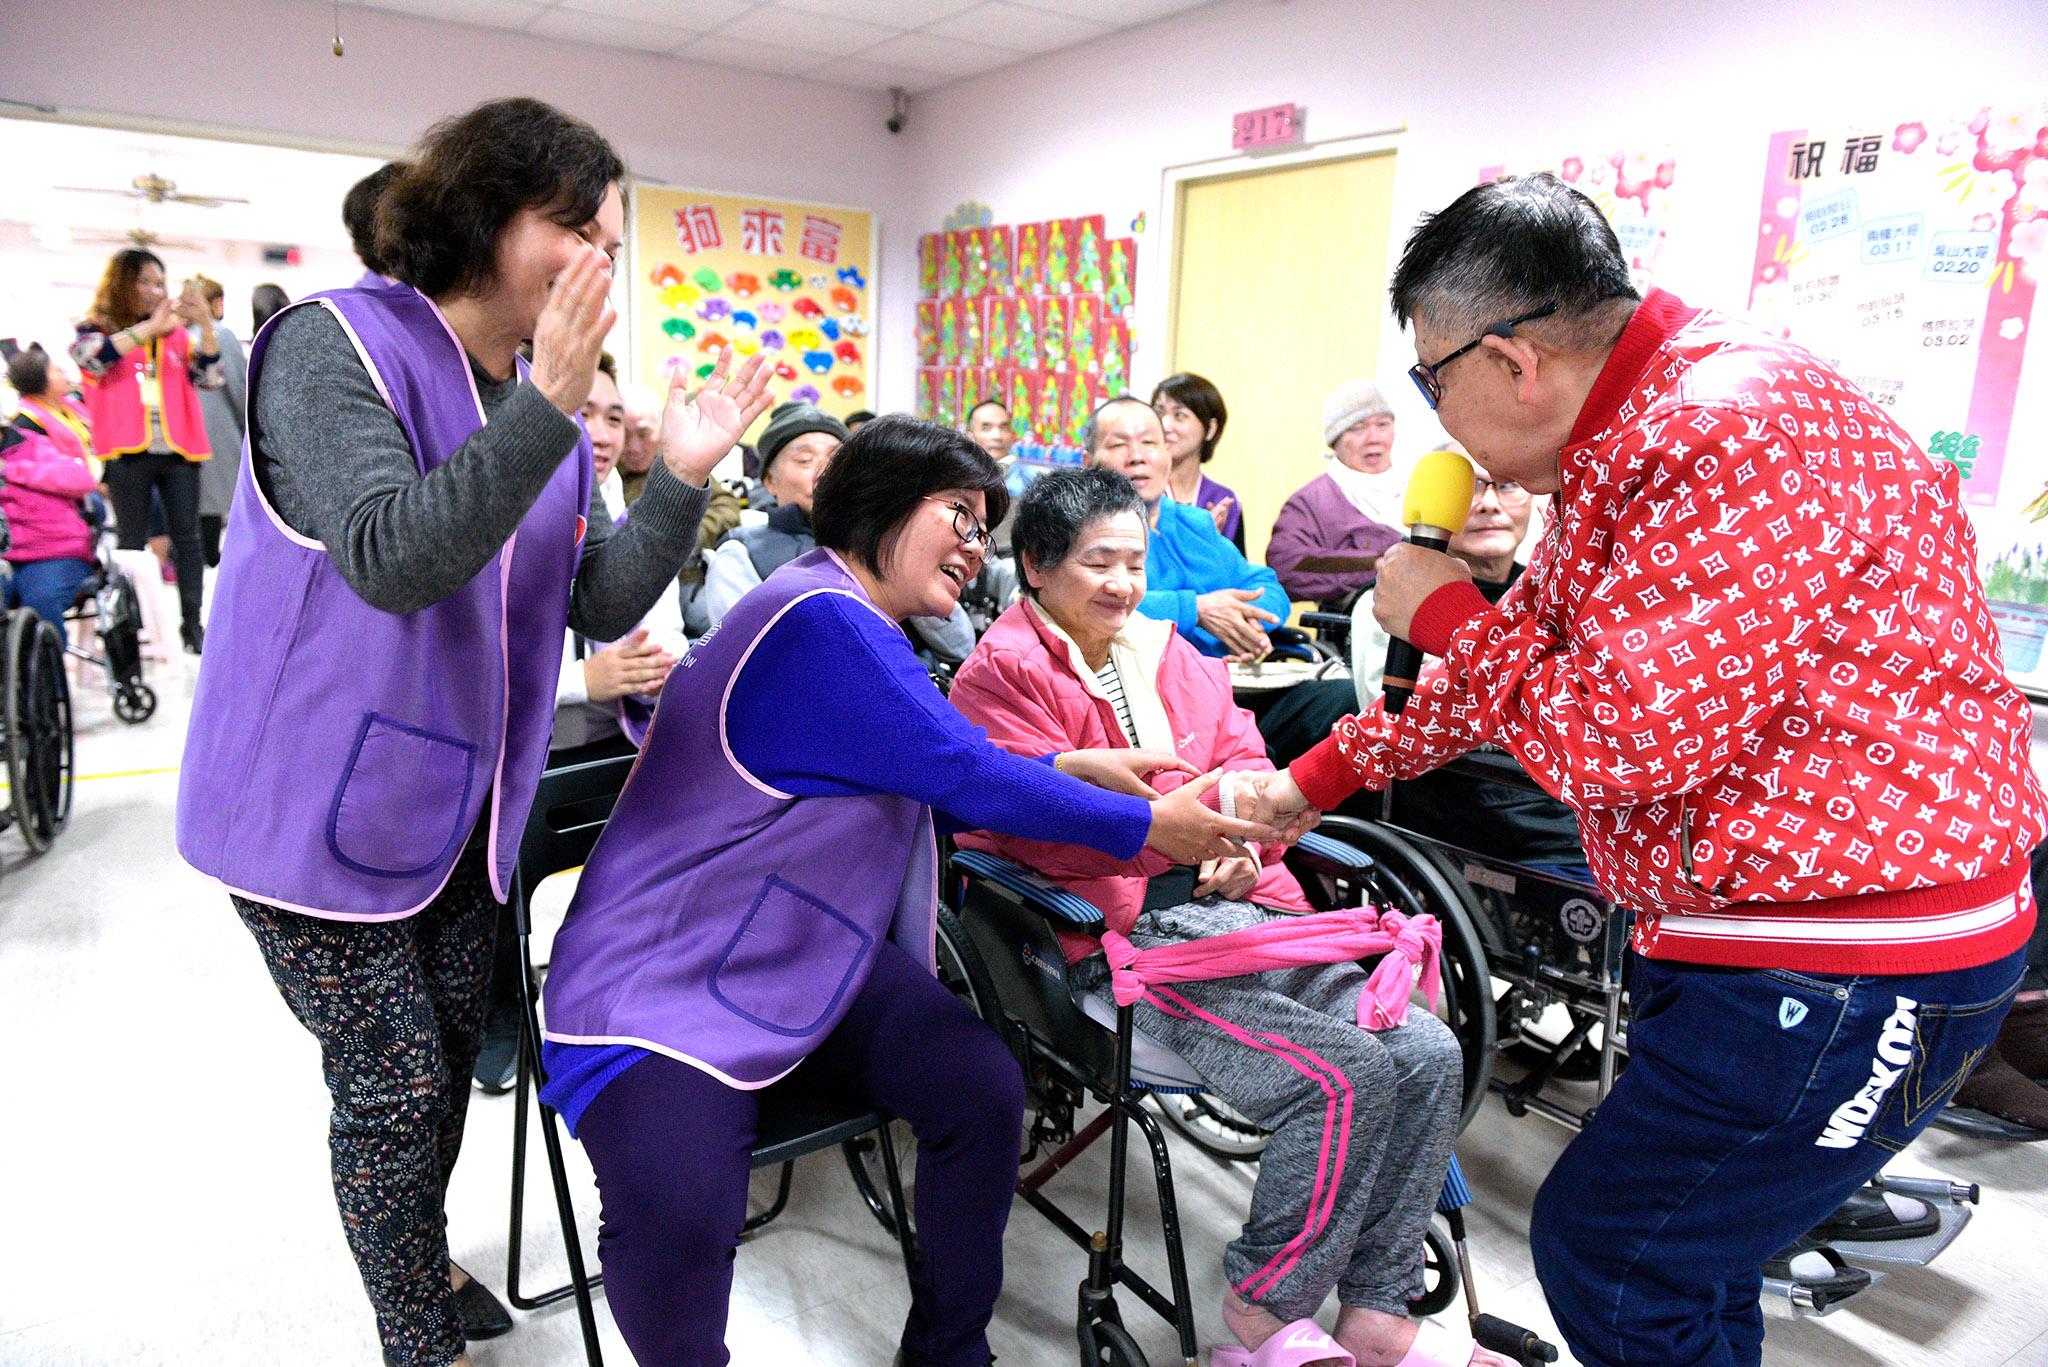 藝人和永達志工與長輩互動。